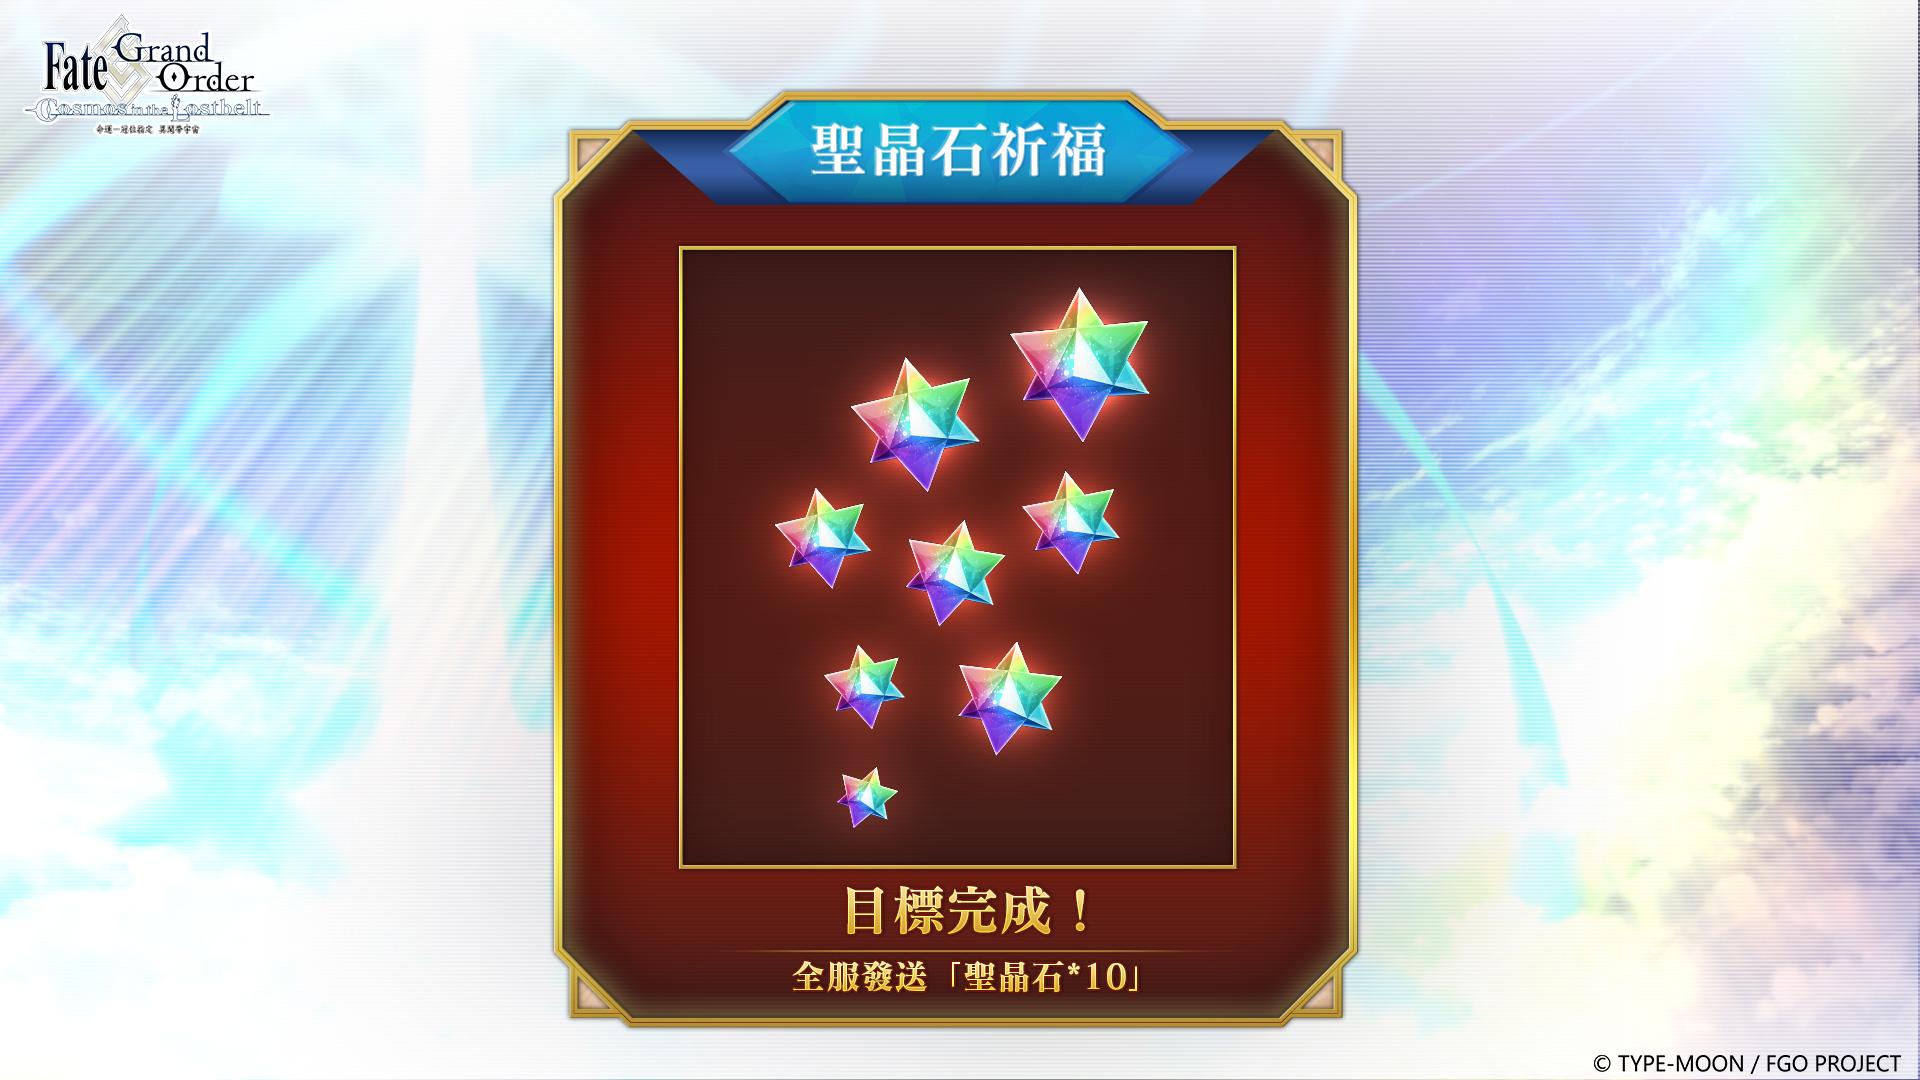 ▲留言次數累計達5,000次以上,《FGO》繁中版將發送全服獎勵「聖晶石X 10」